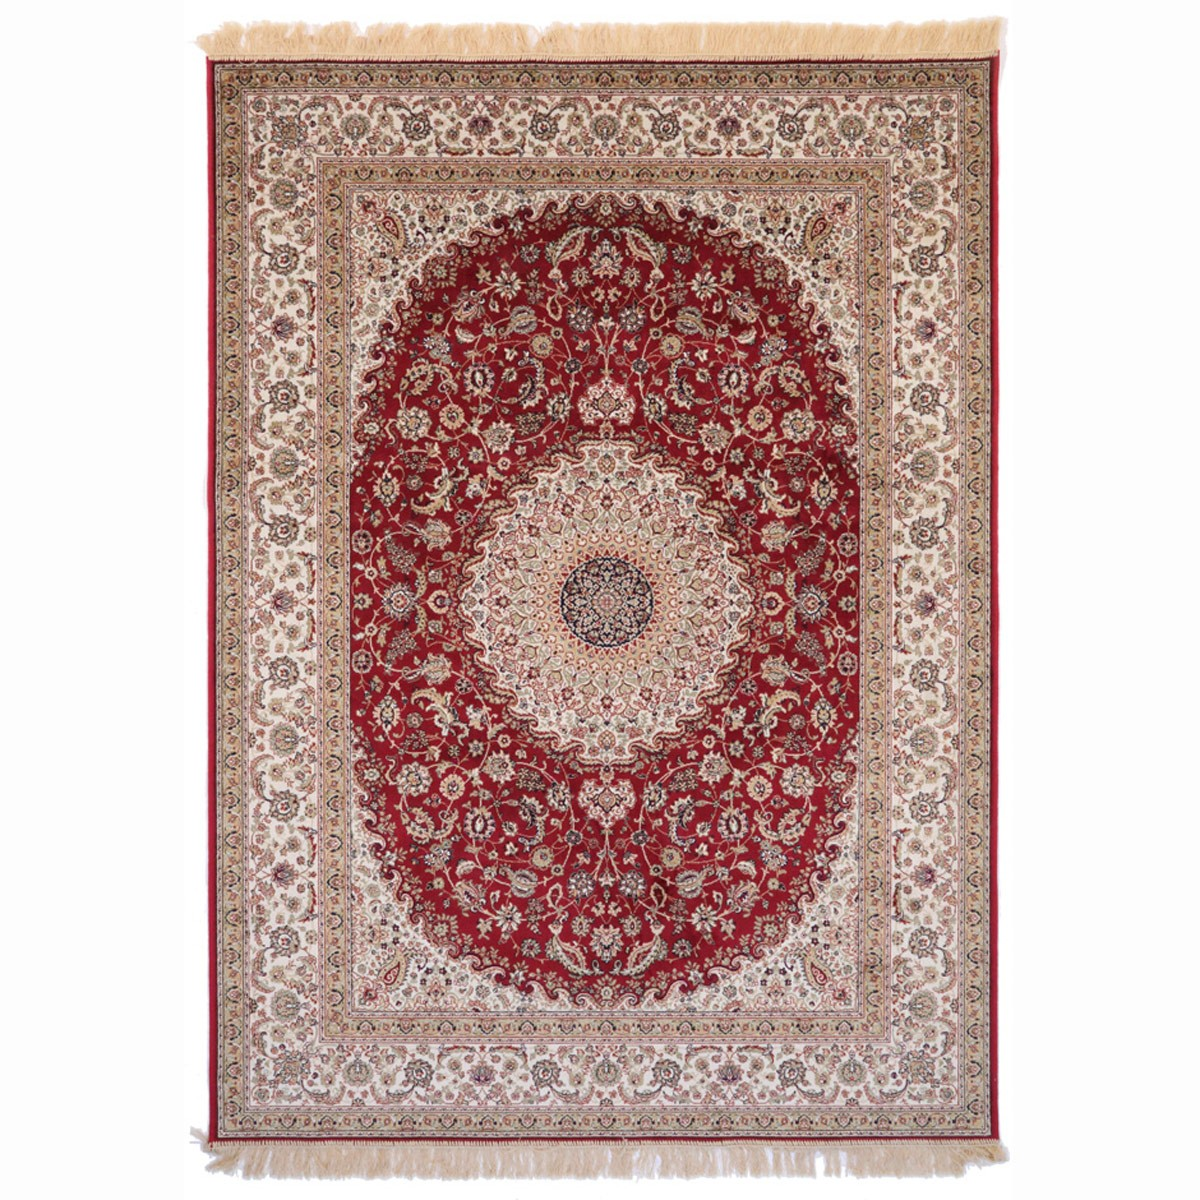 Χαλιά Κρεβατοκάμαρας (Σετ 3τμχ) Royal Carpets Rubine 396 Red home   χαλιά   χαλιά κρεβατοκάμαρας